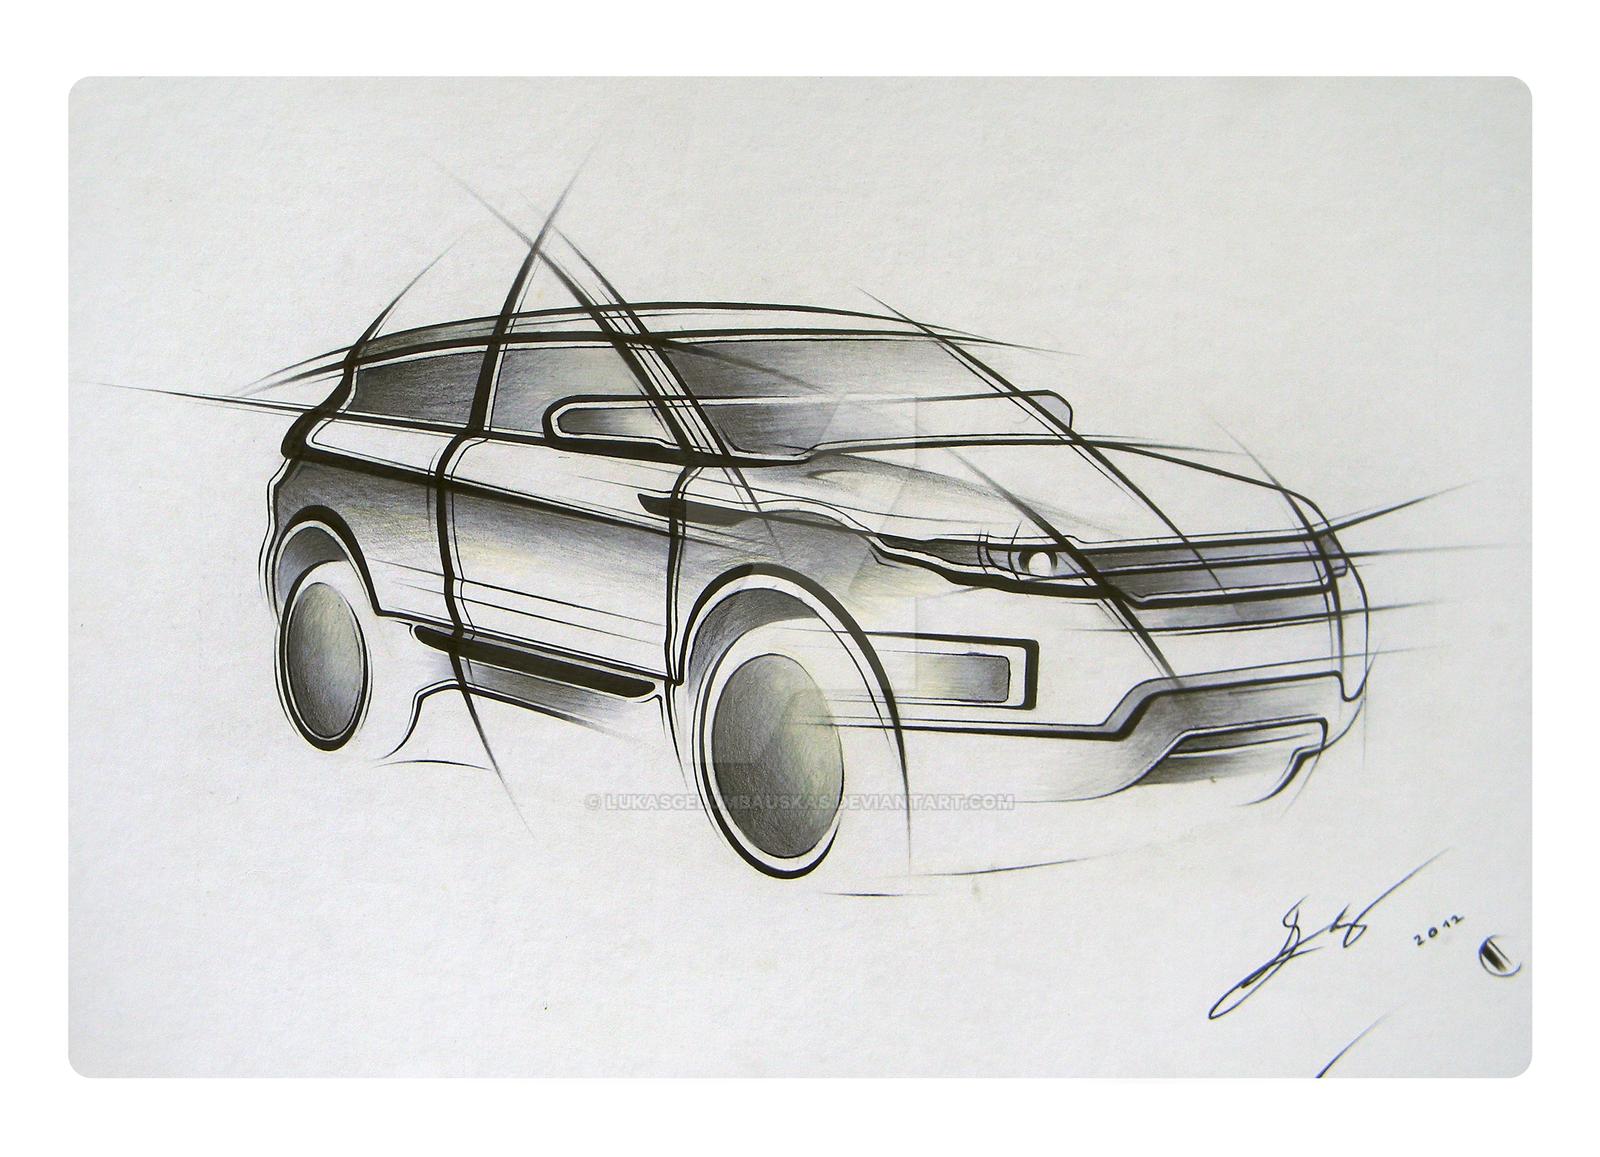 Range Rover Evoque by LukasGelumbauskas